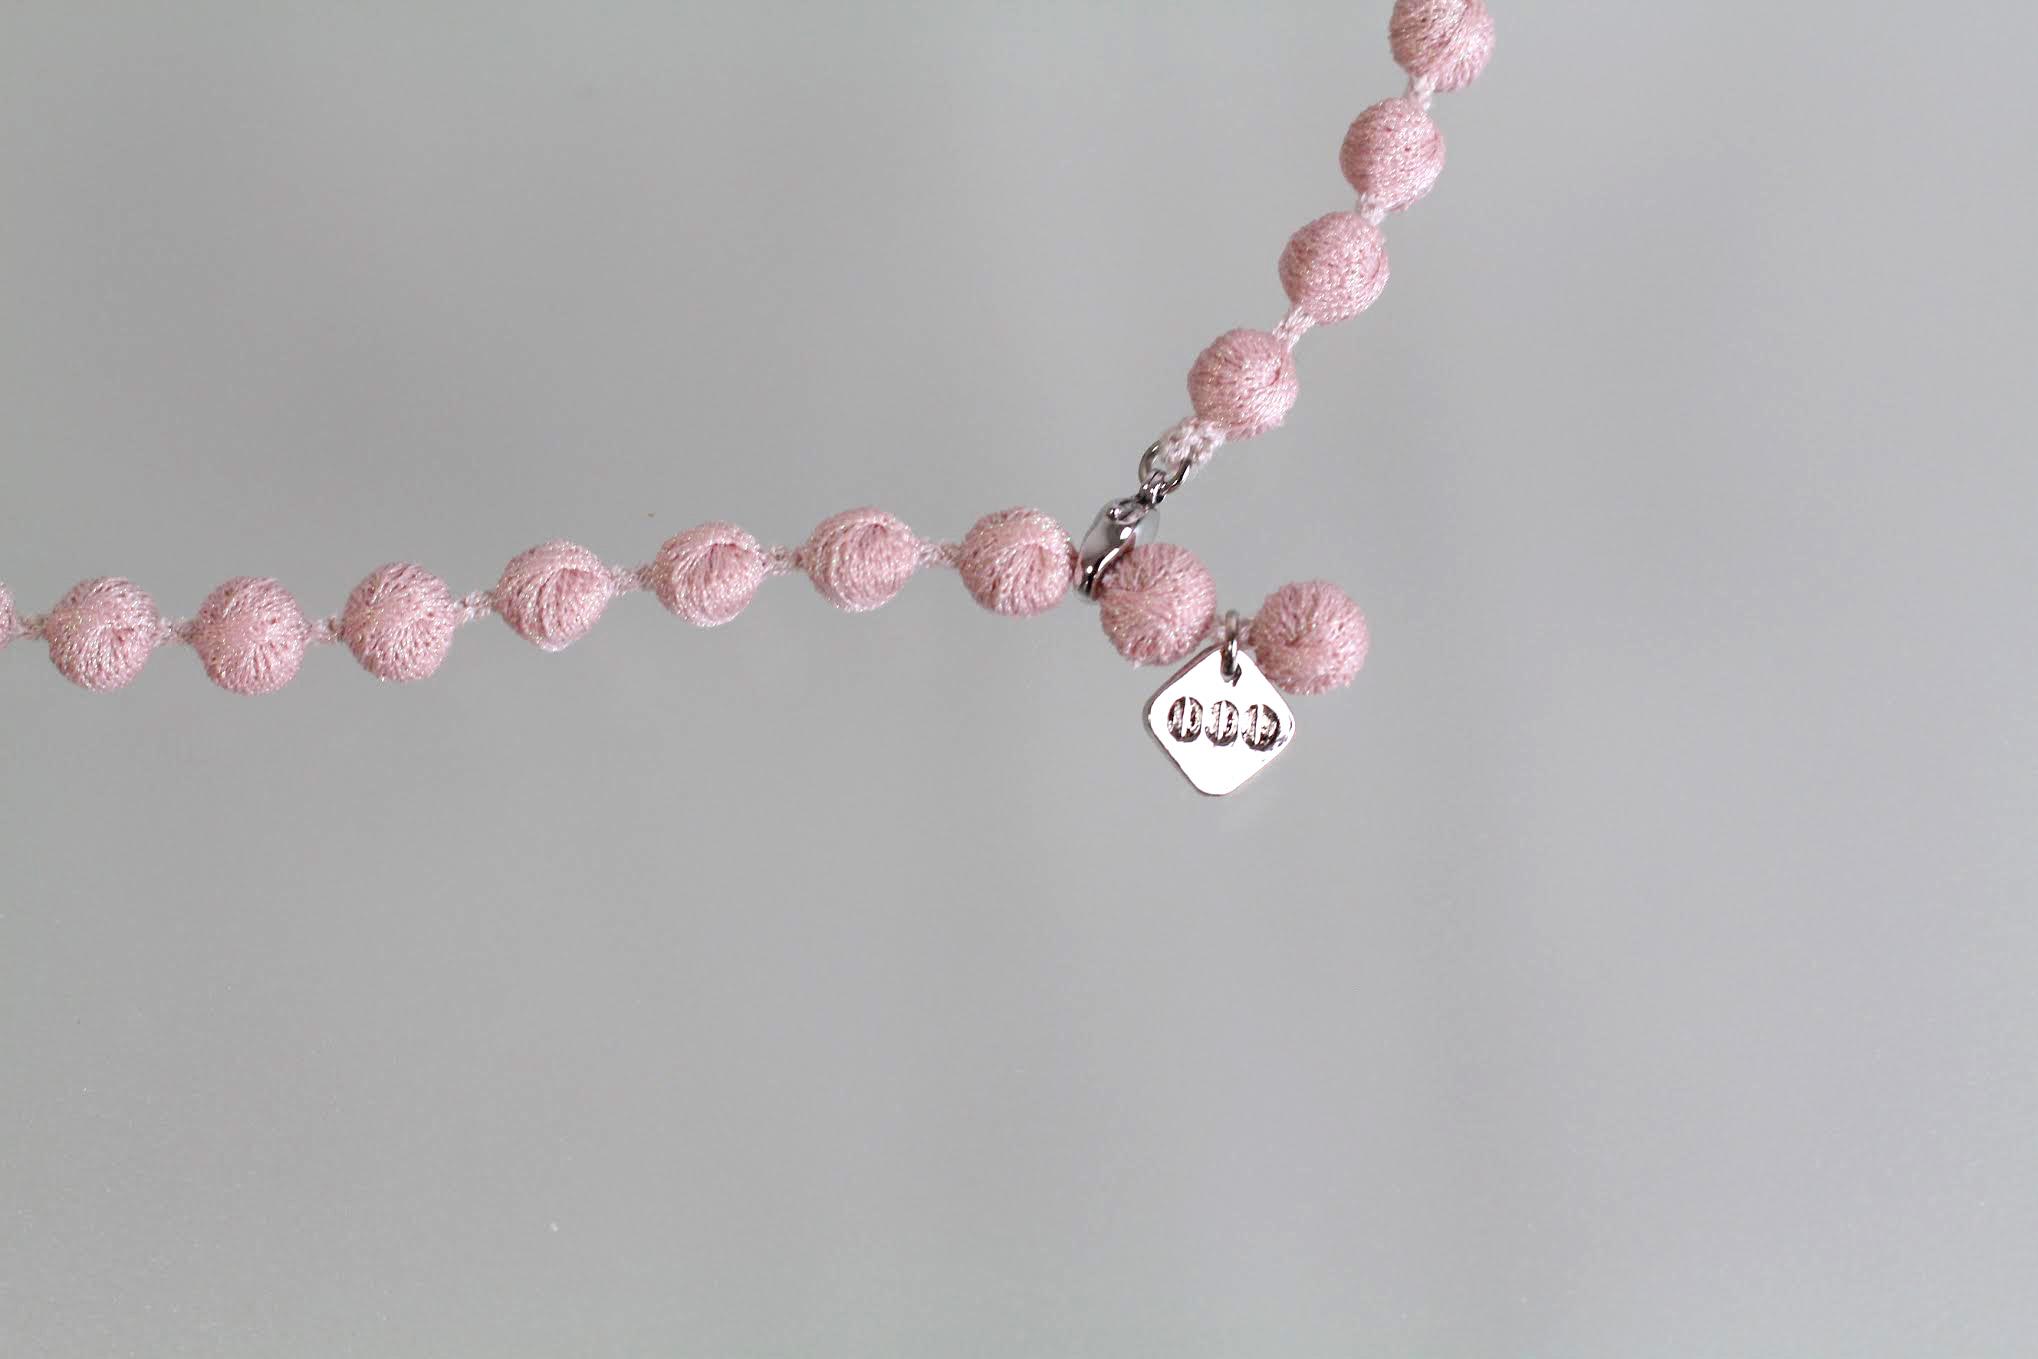 000_sphere pearl_pink